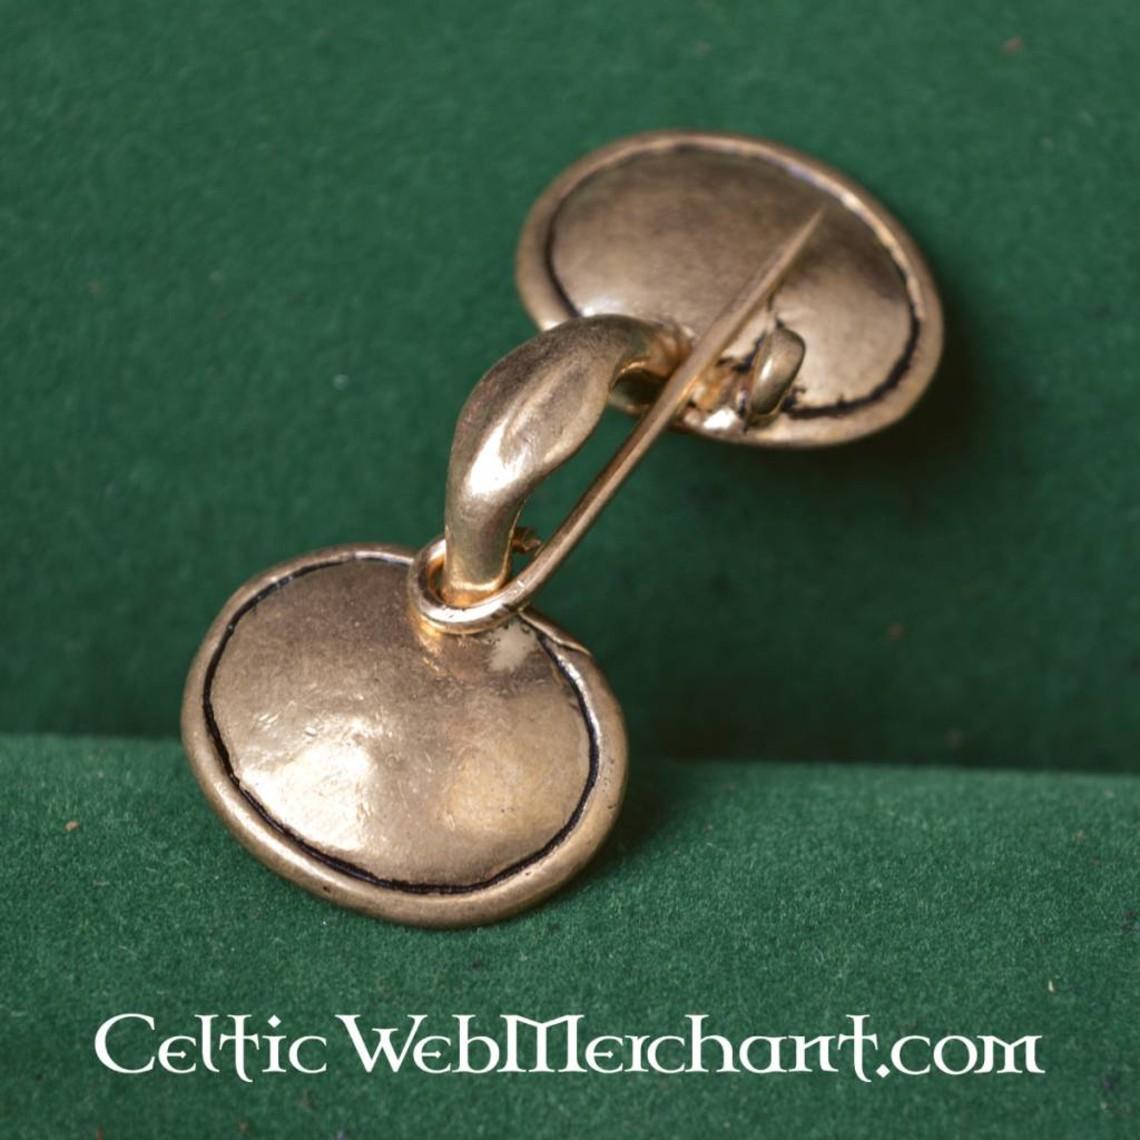 Bronstijd brilfibula